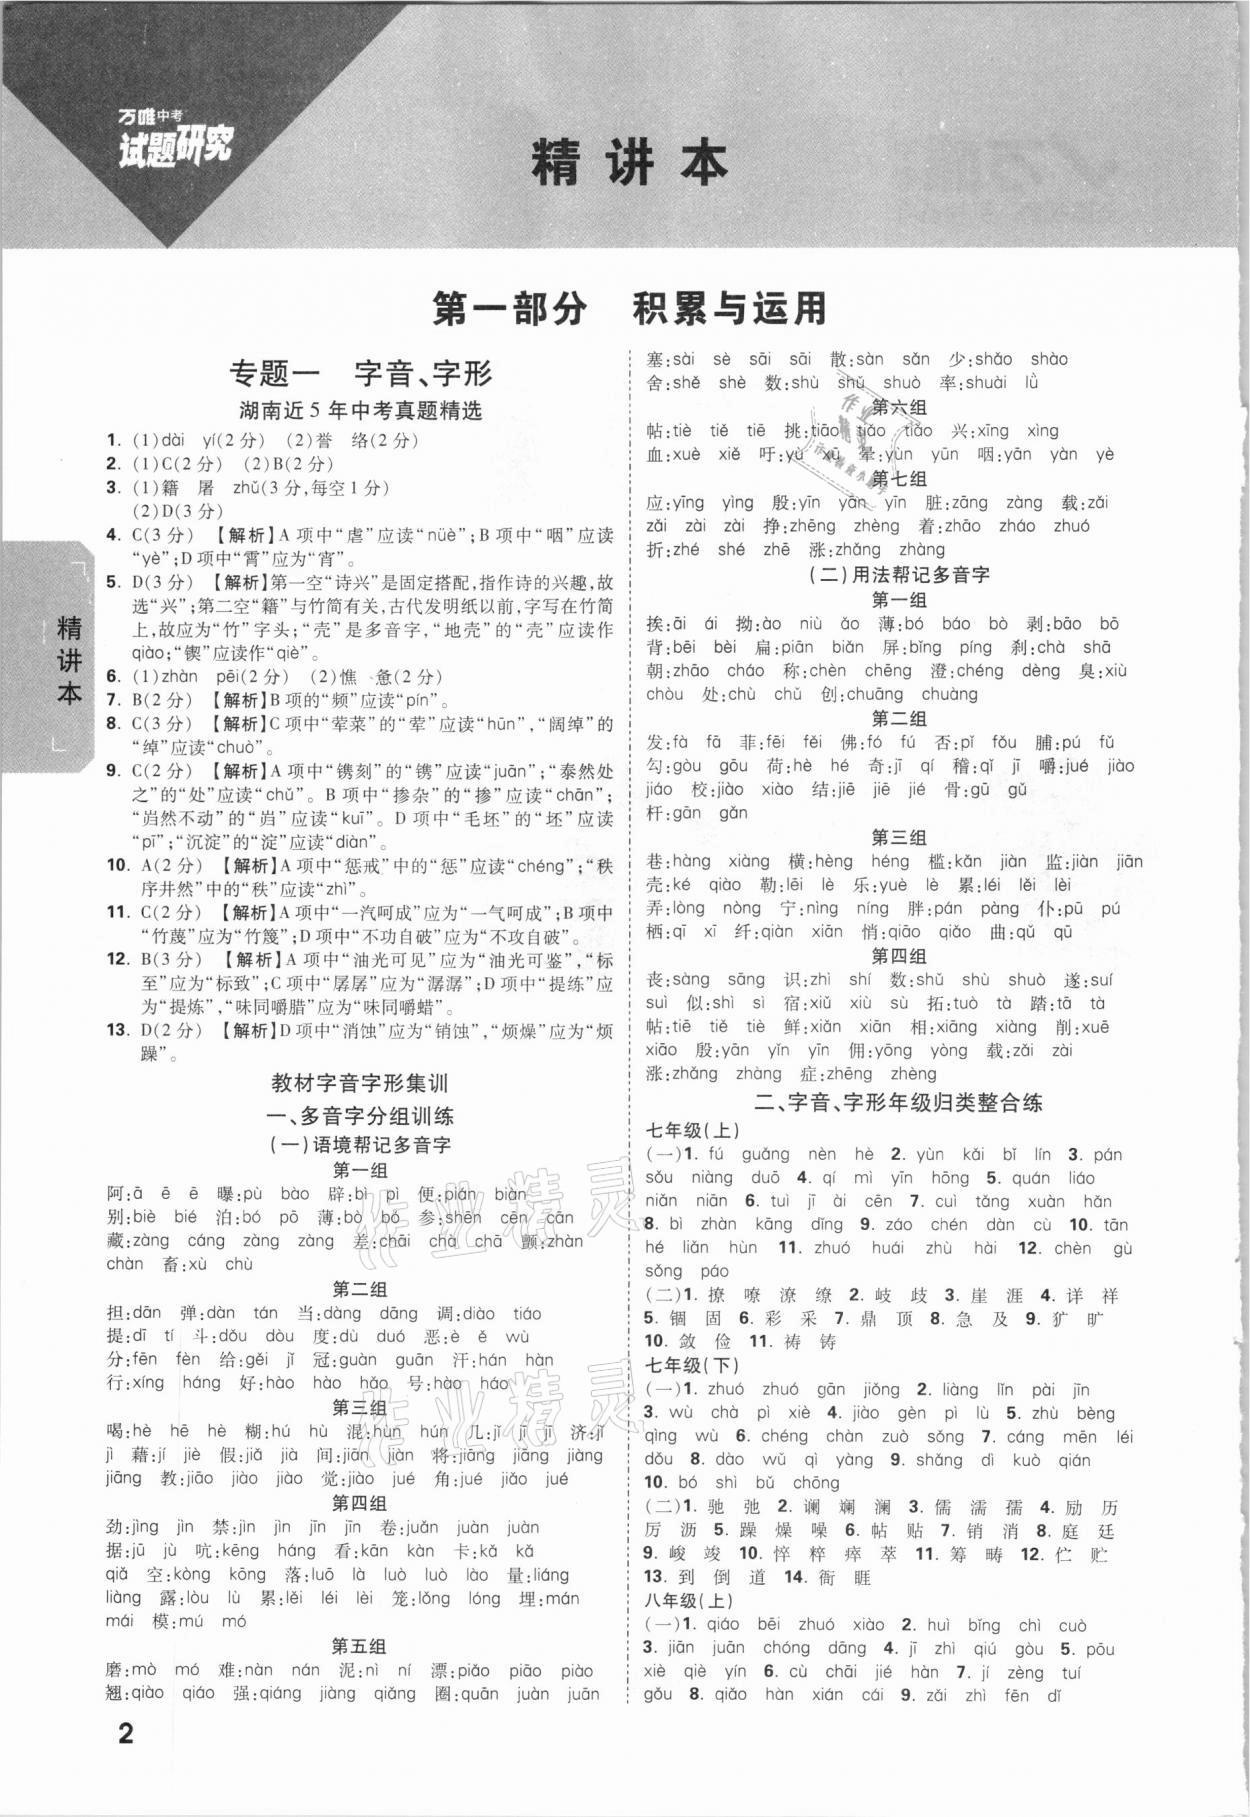 2021年万唯中考试题研究语文湖南专版第1页